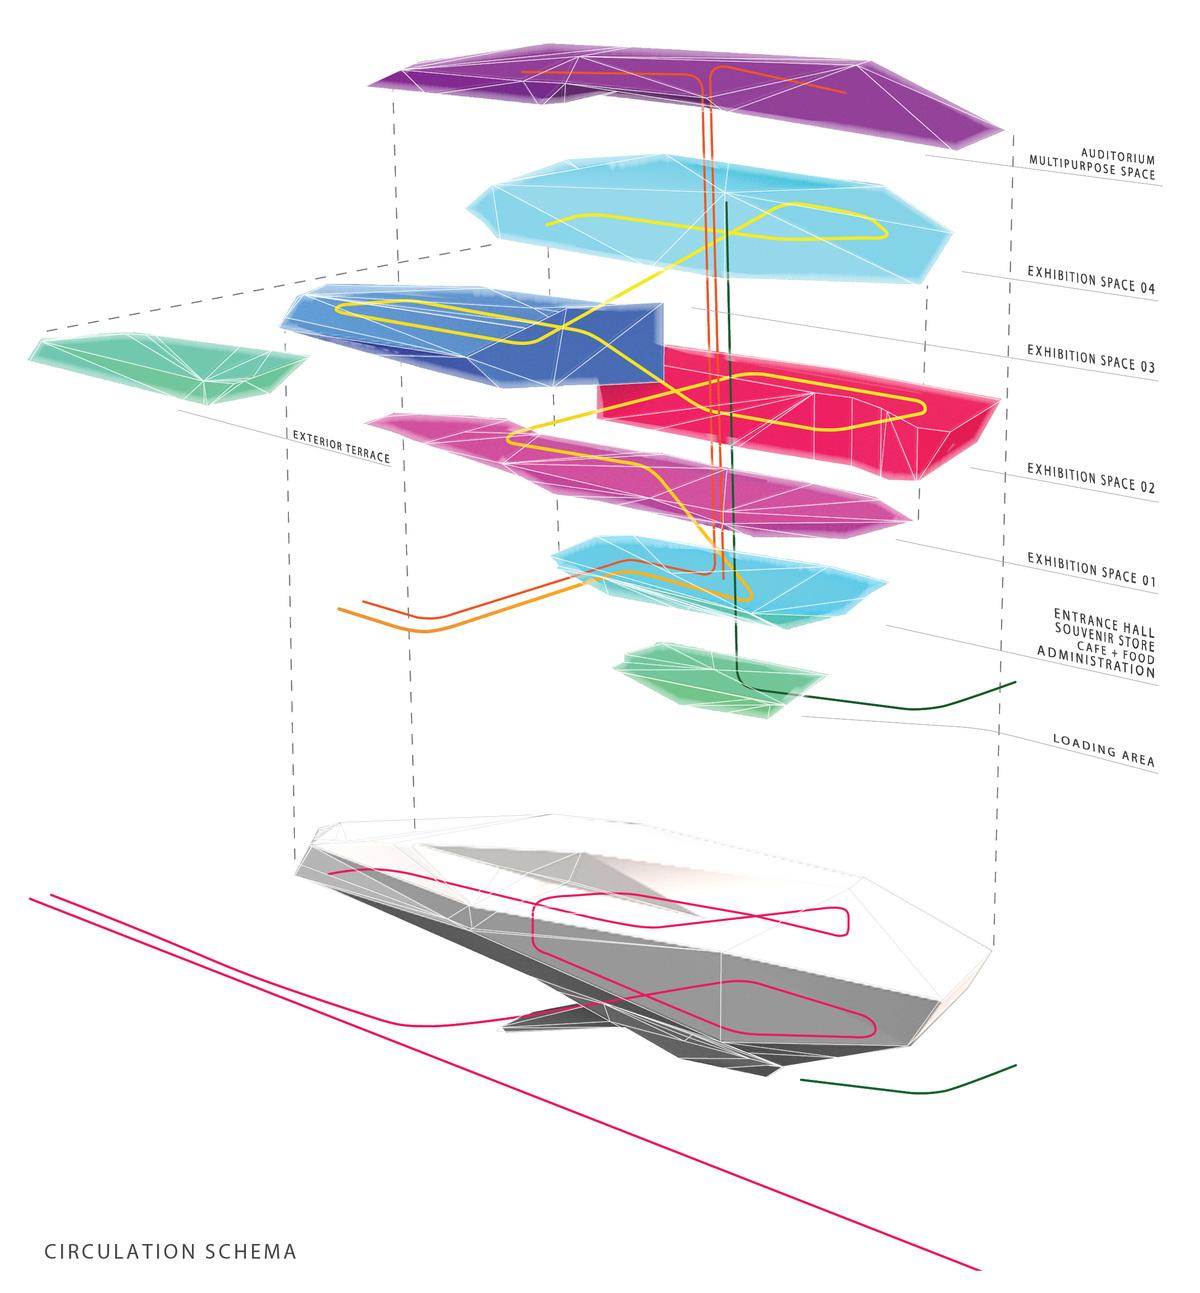 Circulation scheme